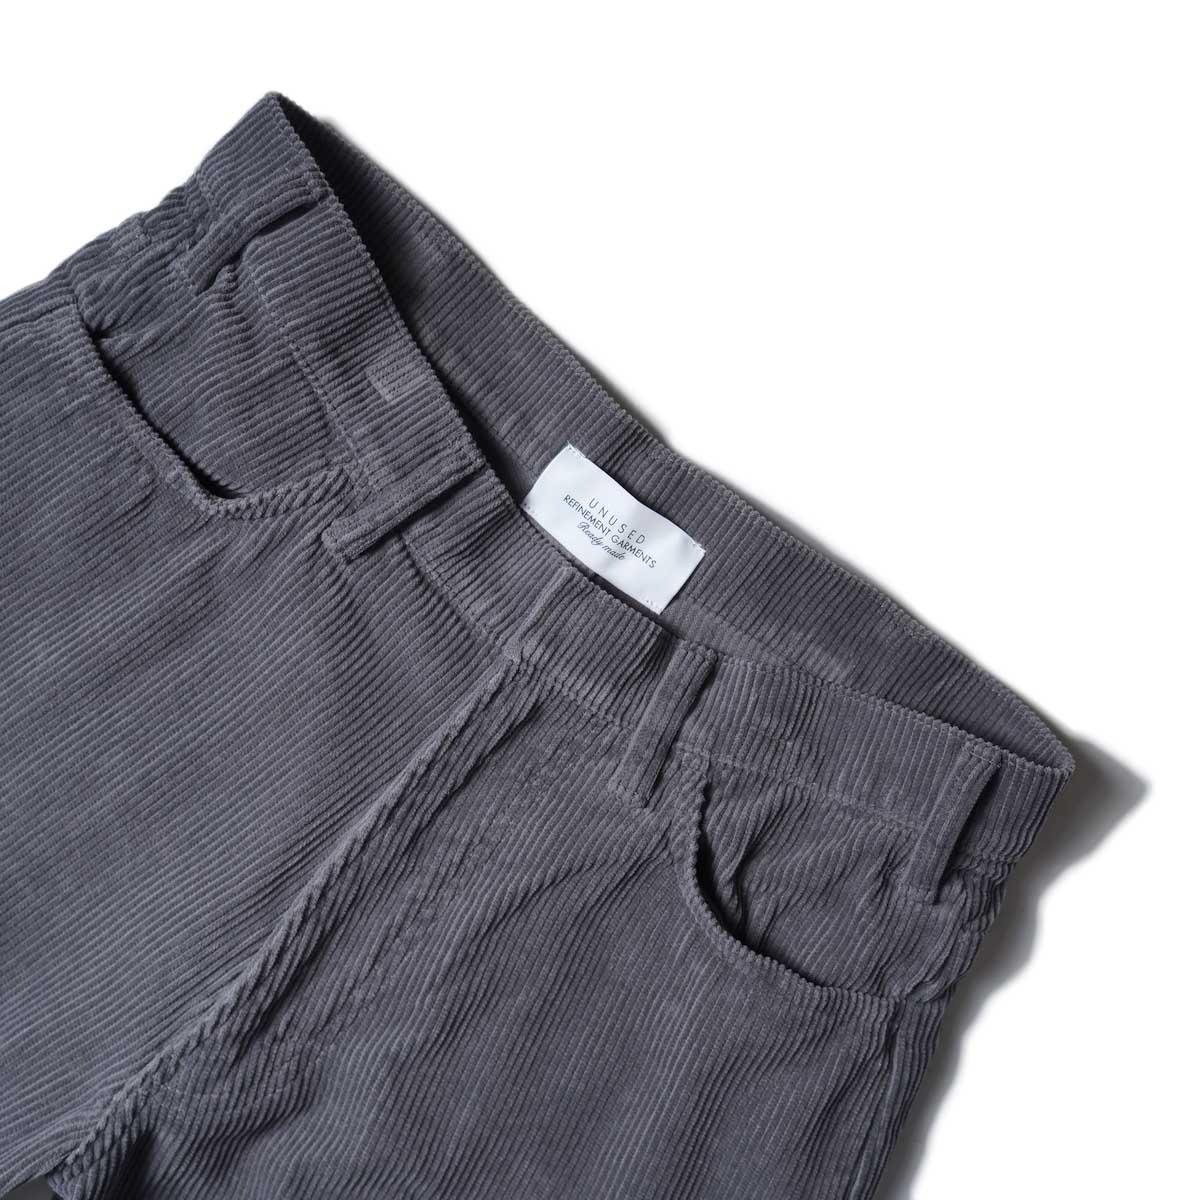 UNUSED / UW0982 CORDUROY PANTS (Gray)ウエスト